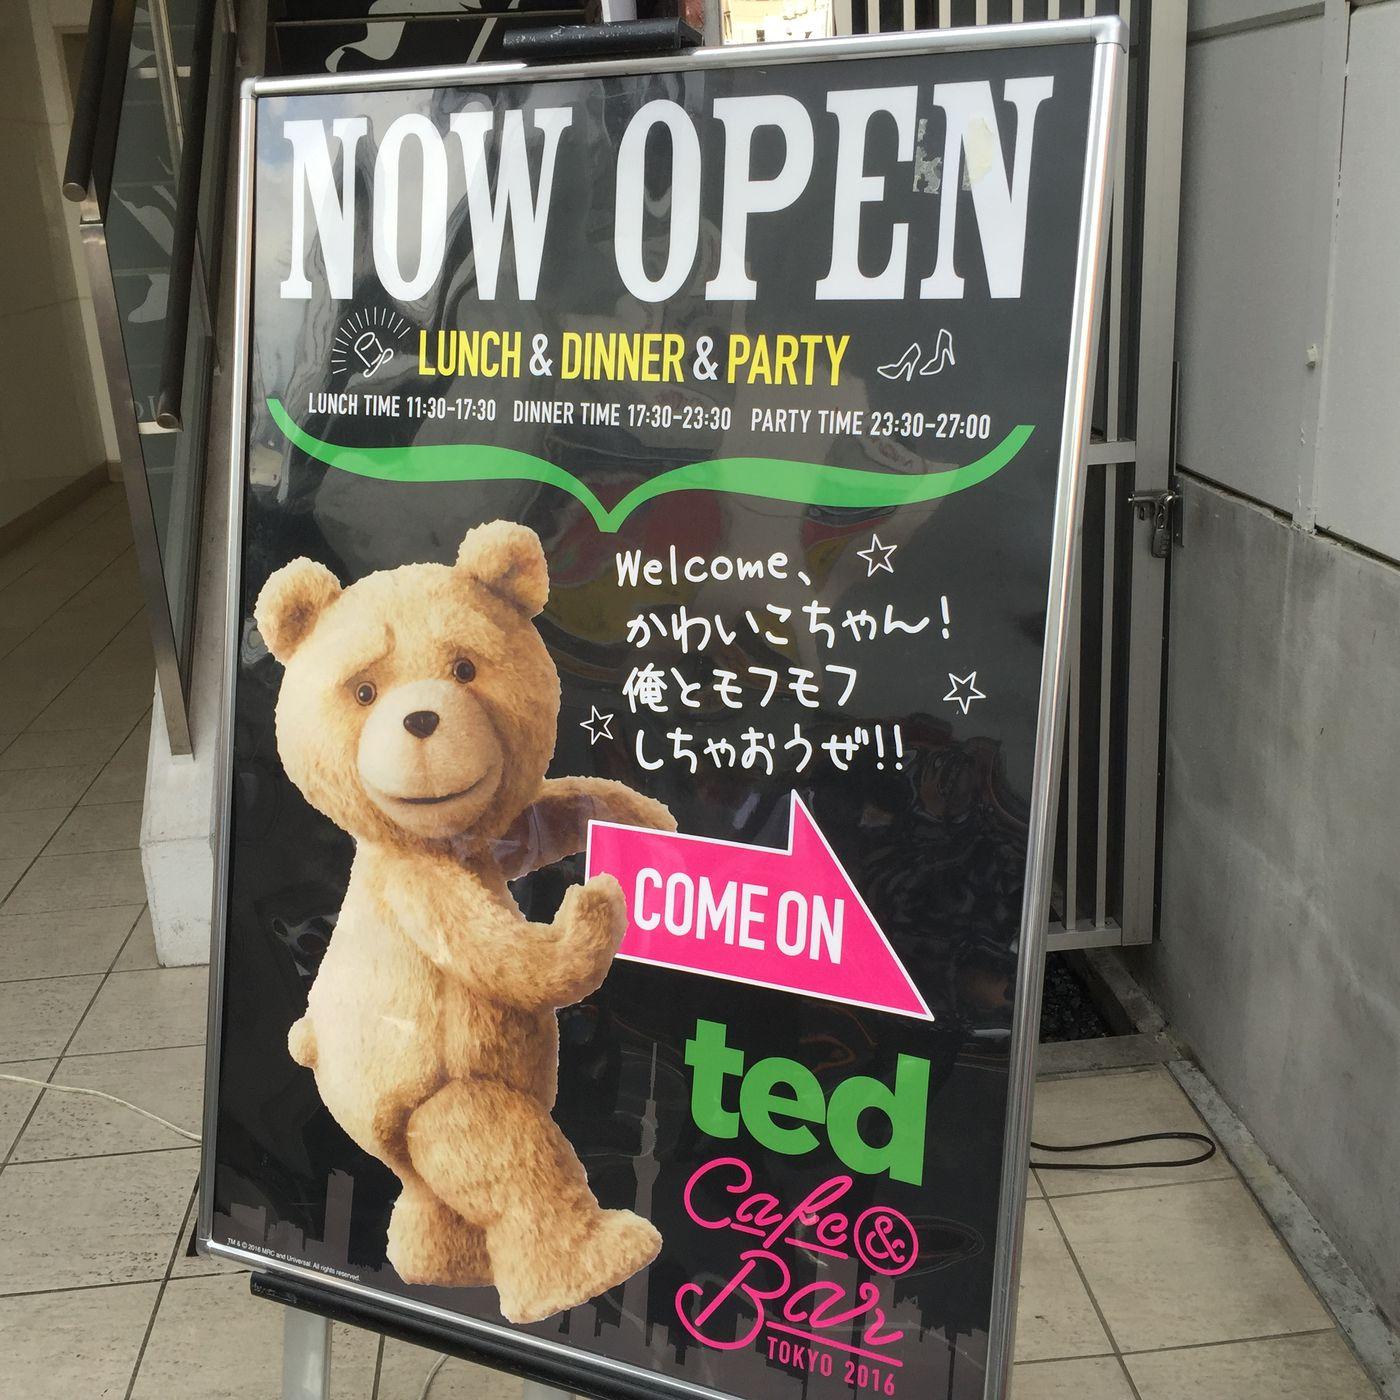 inside the ted themed cafe taking over japanese social media eater